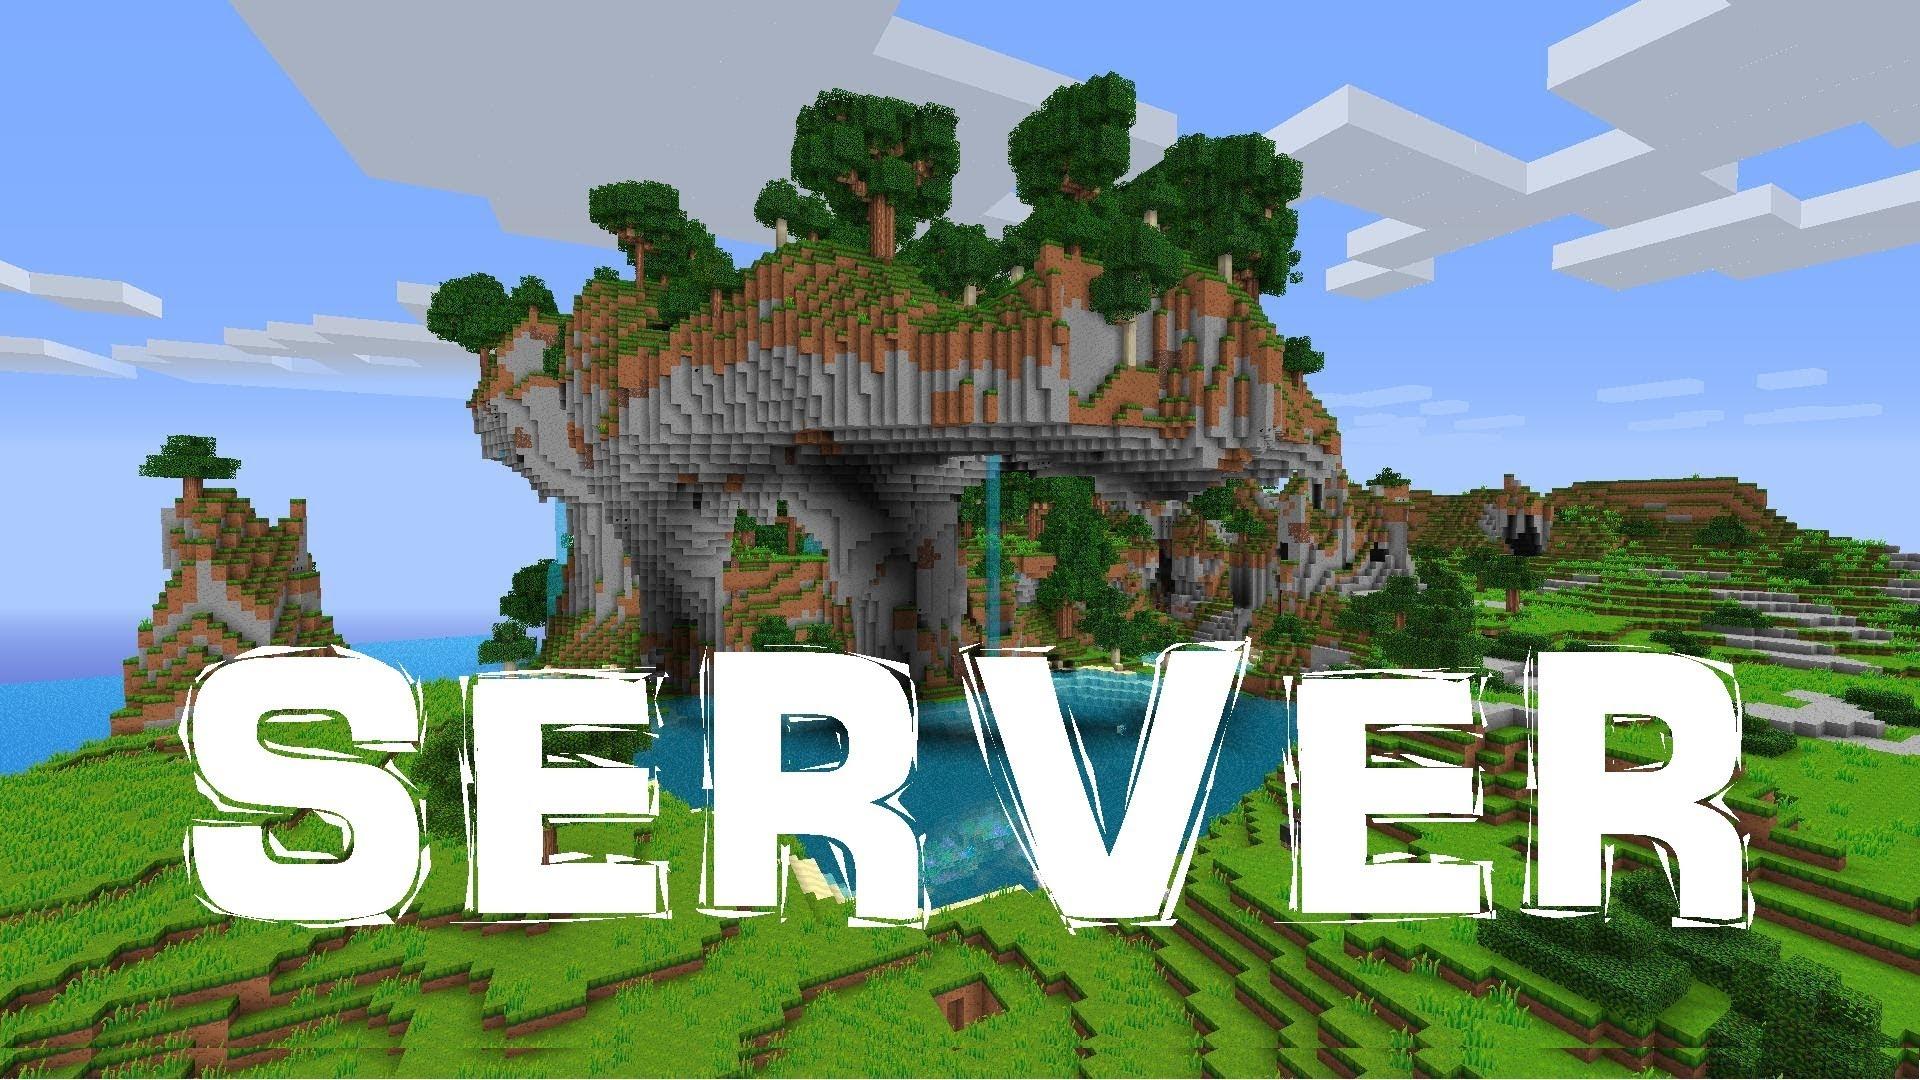 Картинка с надписью мой сервер, приколы